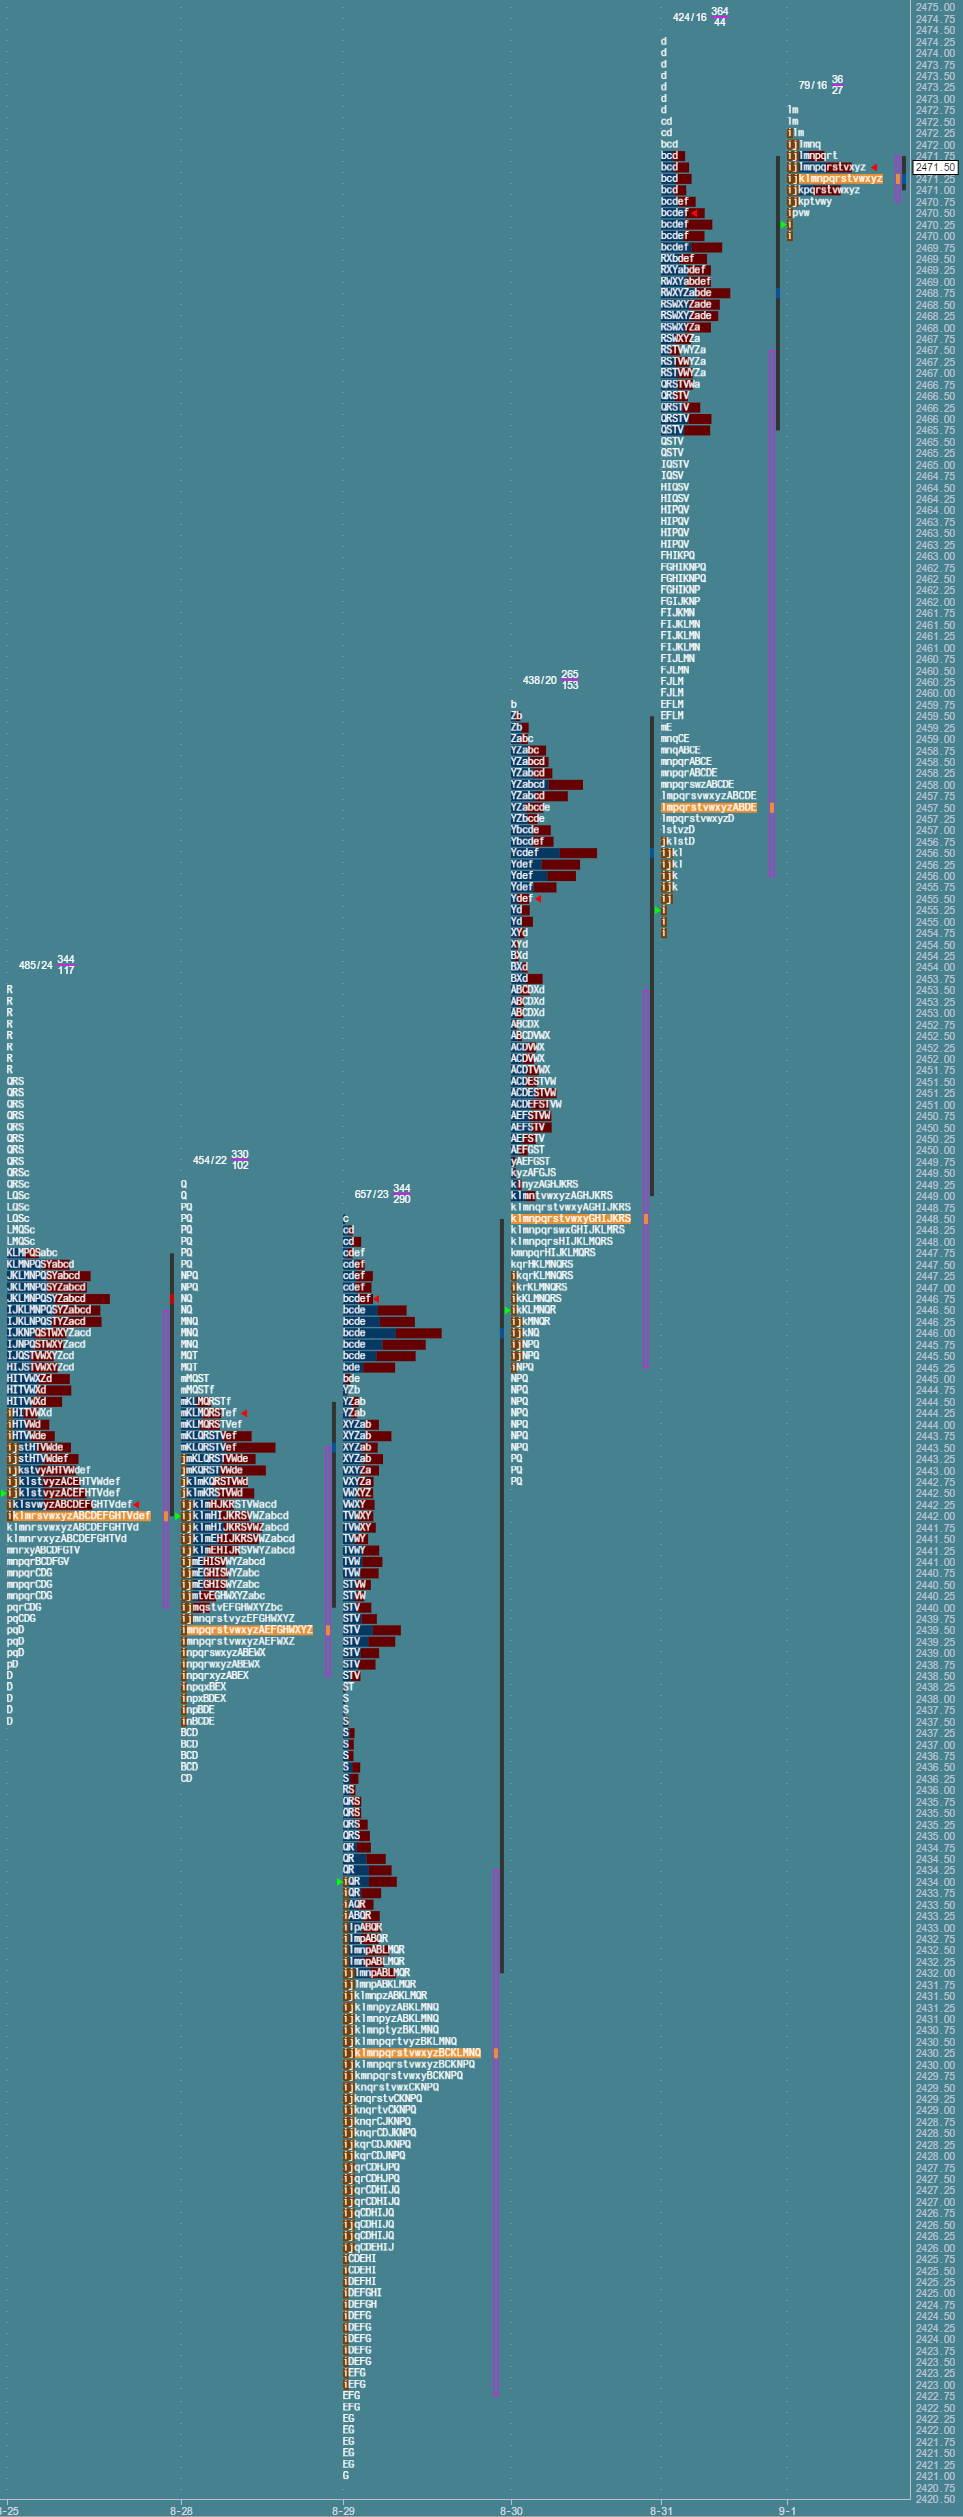 Przygotowanie do sesji: market profile z 1 września